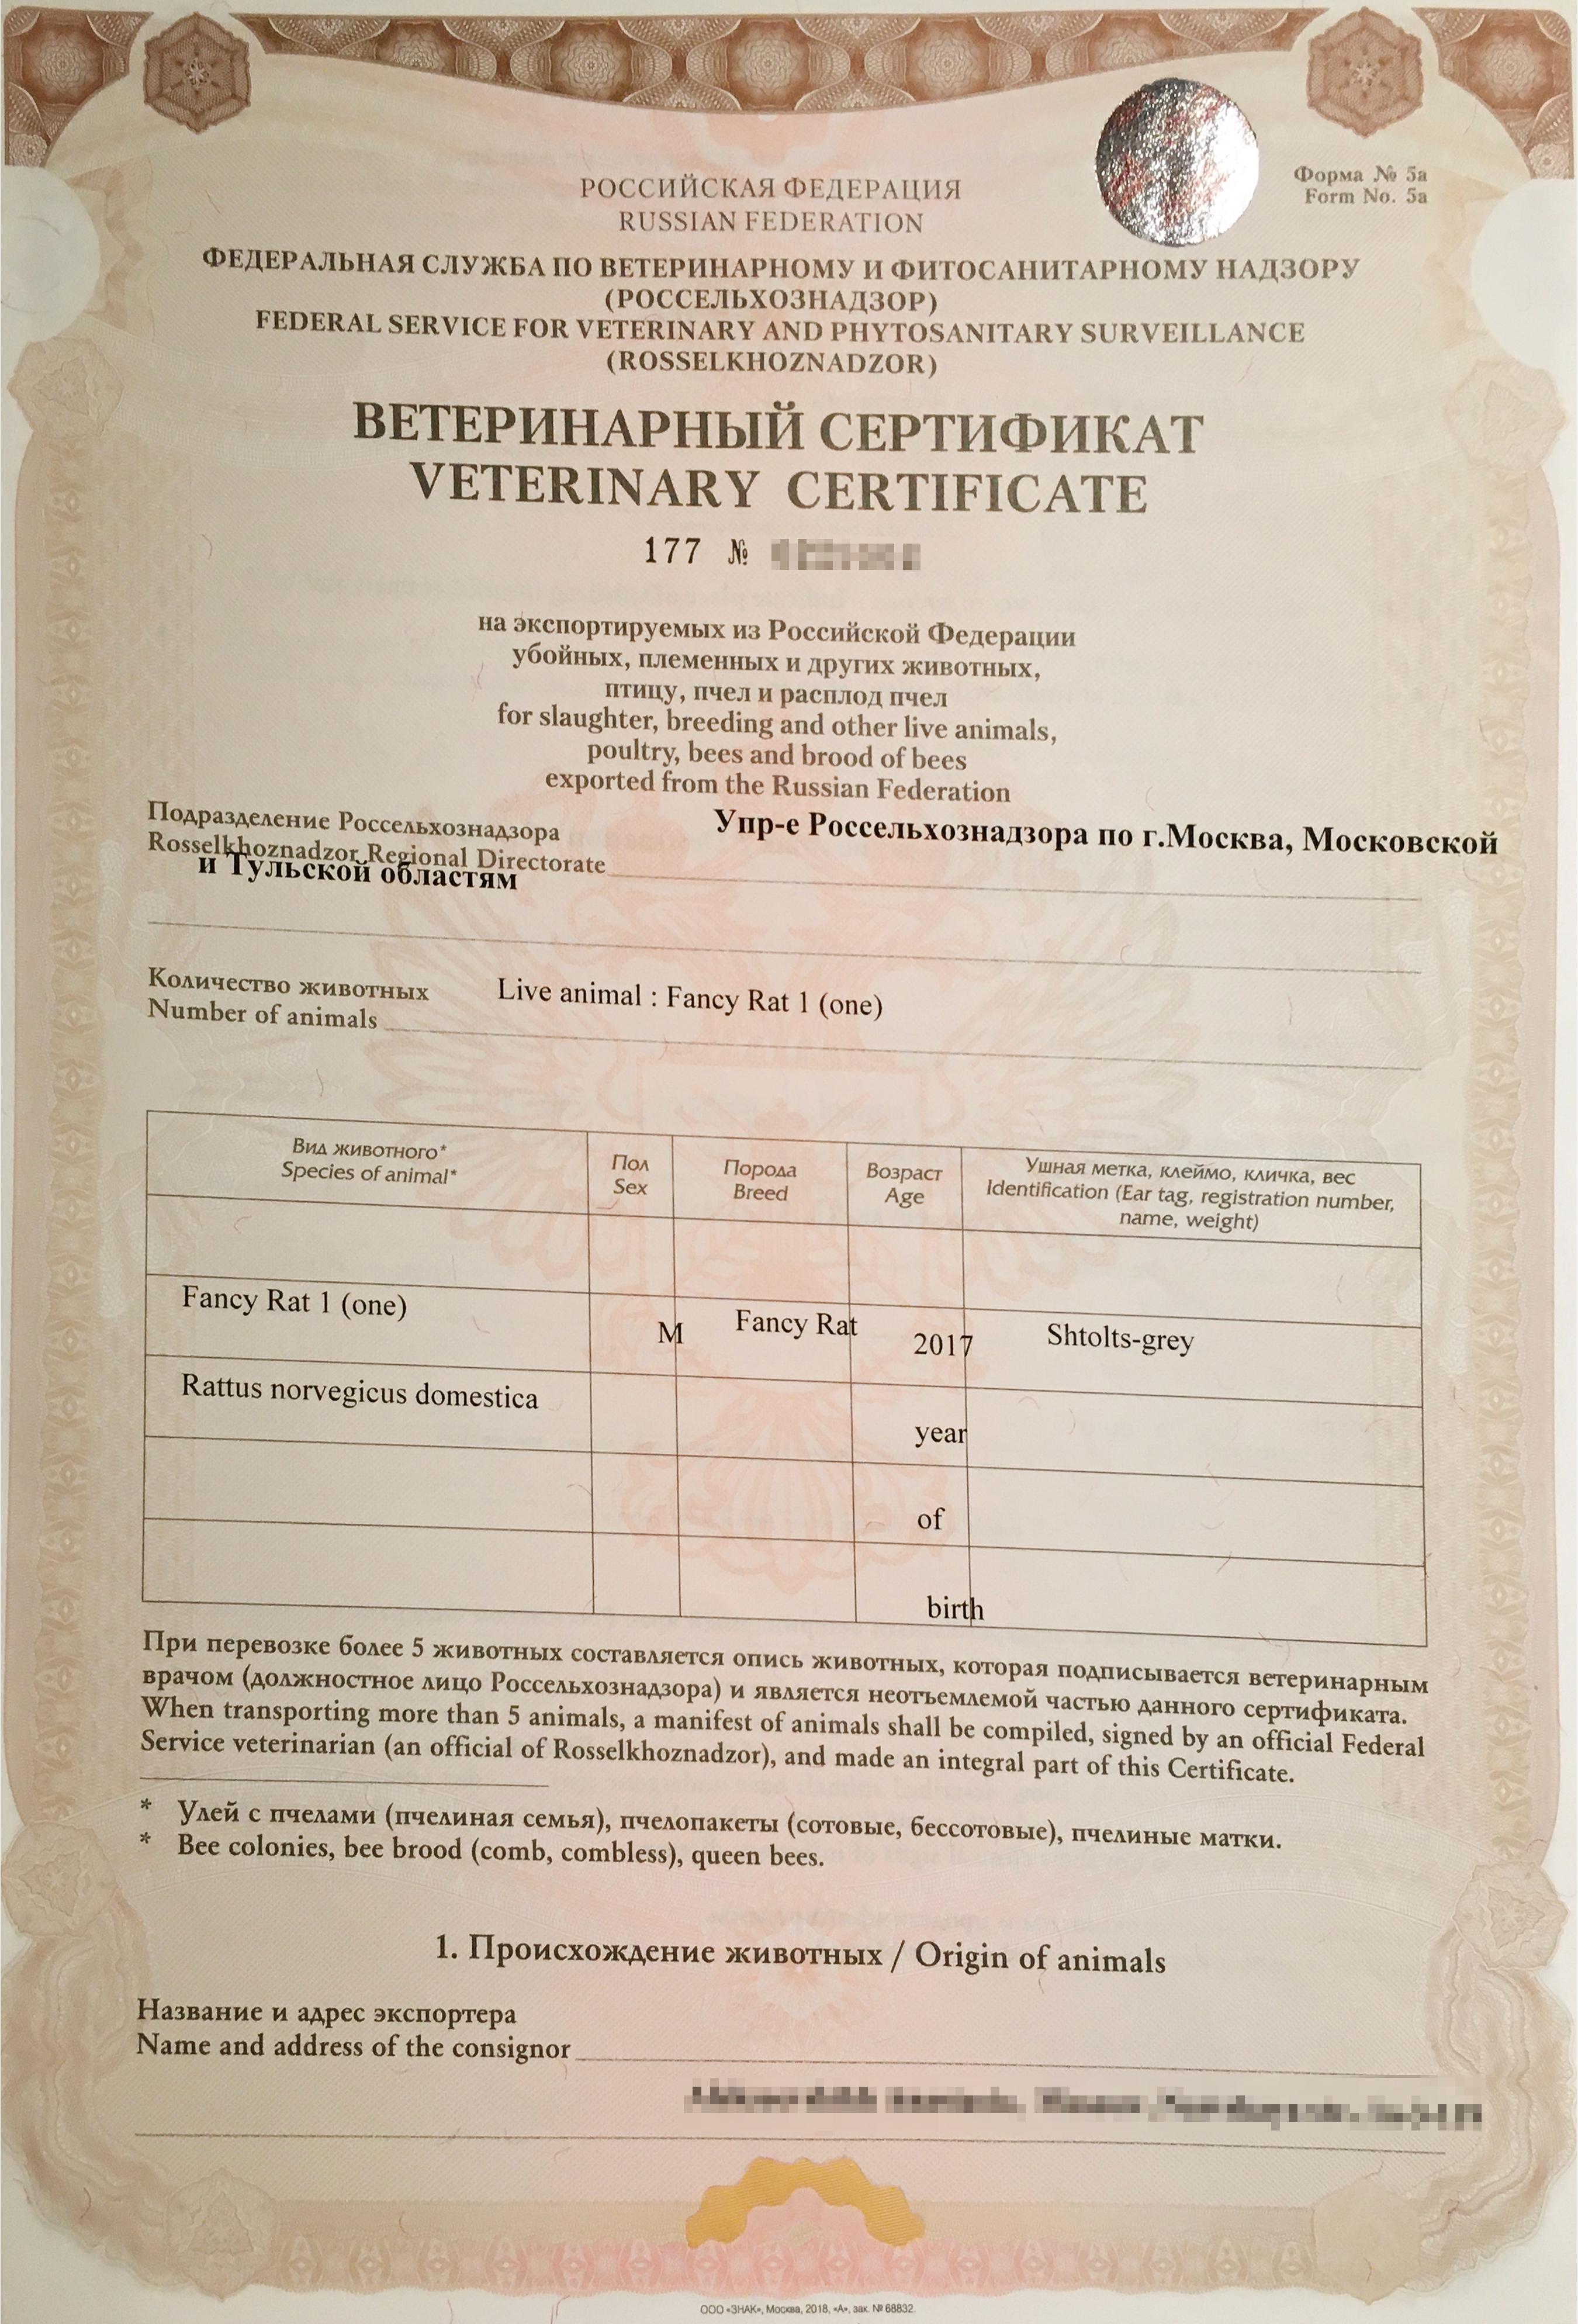 Международный ветеринарный сертификат длякрысы